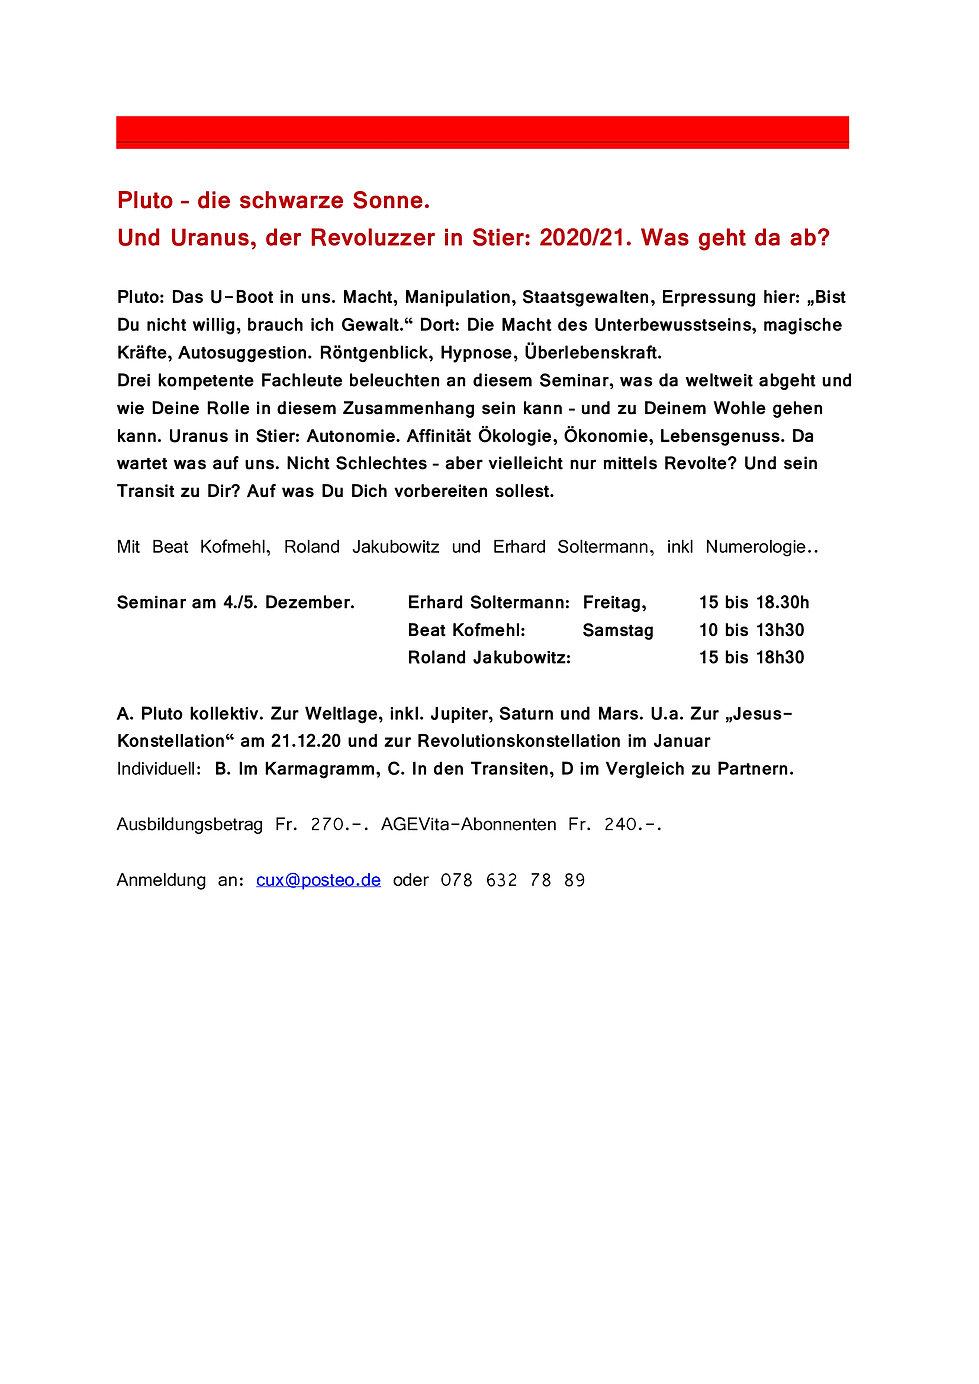 Pluto-und-Uranus-Dez-2020.jpg